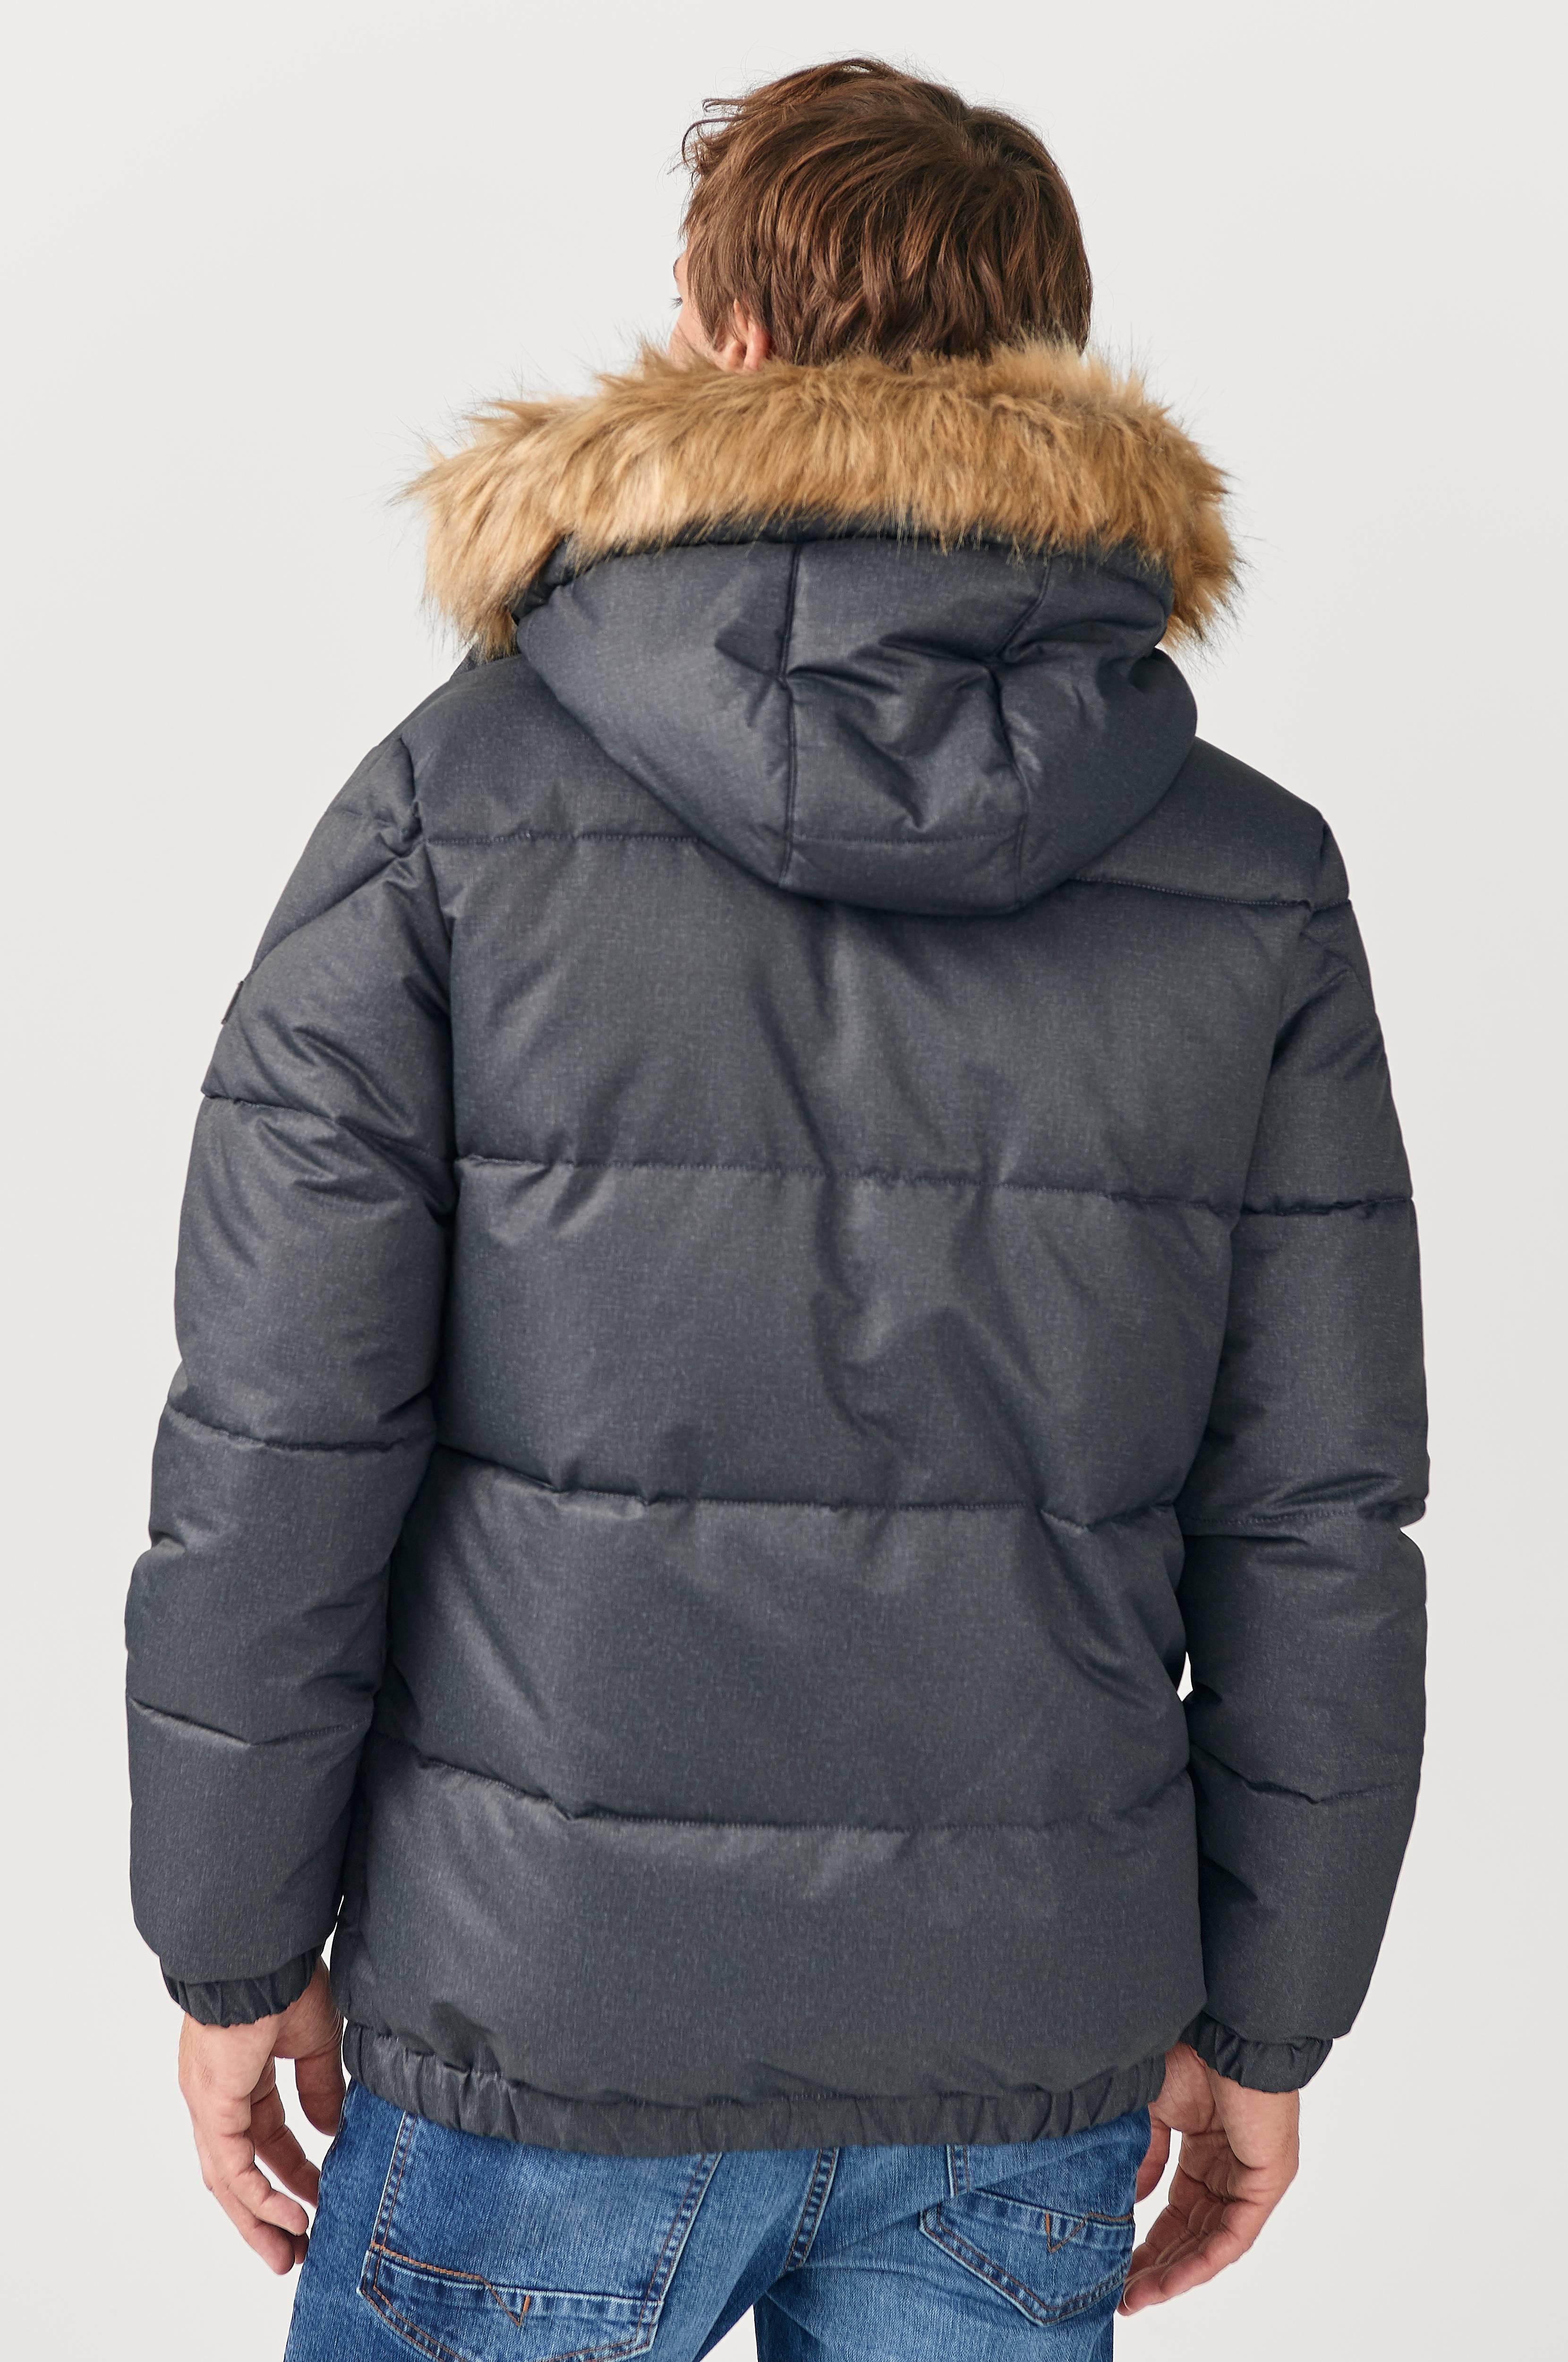 Ellos ON OUR TERMS Jakke Grå Dunjakker & vatterte jakker